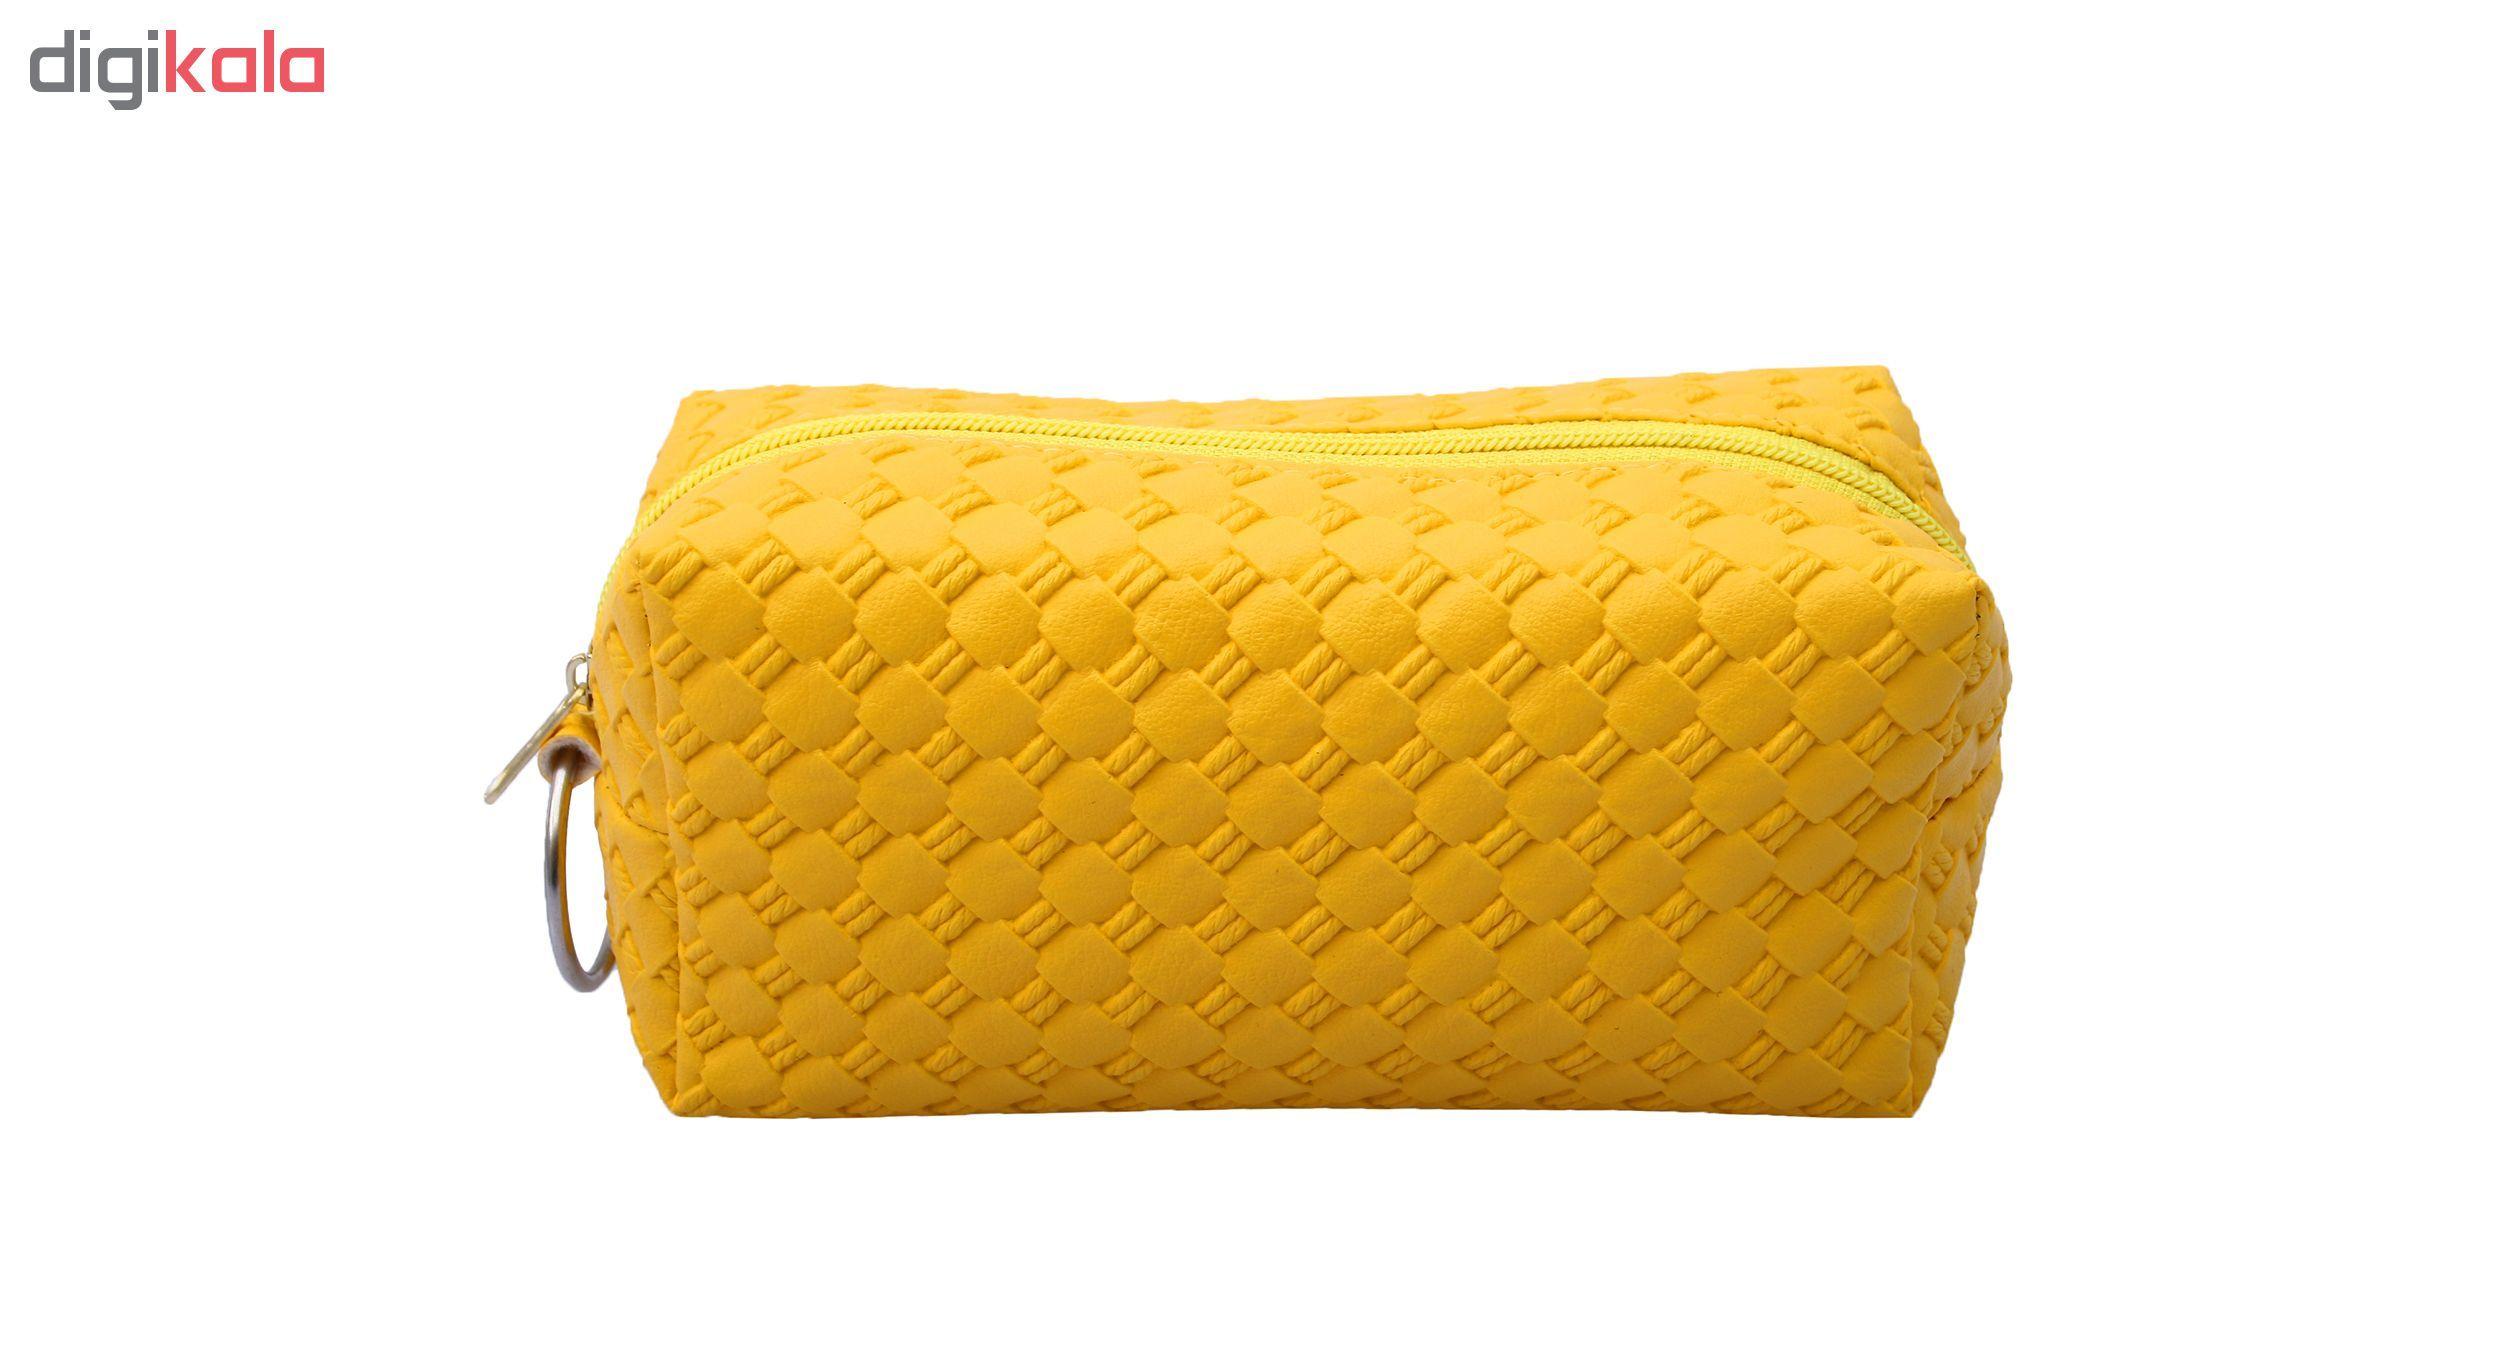 کیف لوازم آرایش کد GT0103 main 1 1